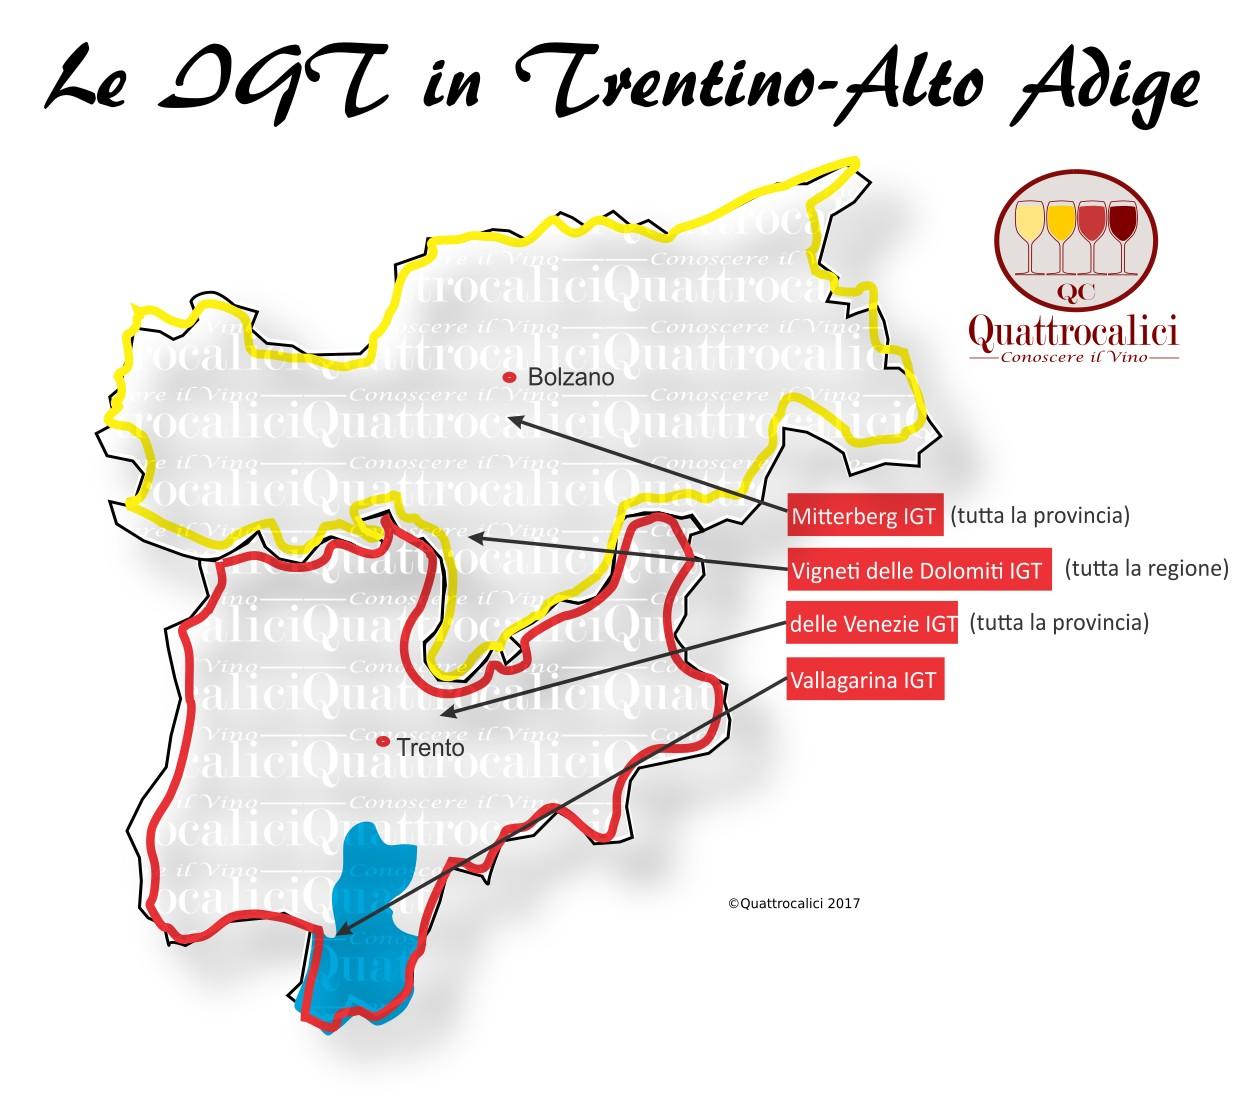 Mappa Denominzioni IGT Trentino-Alto Adige